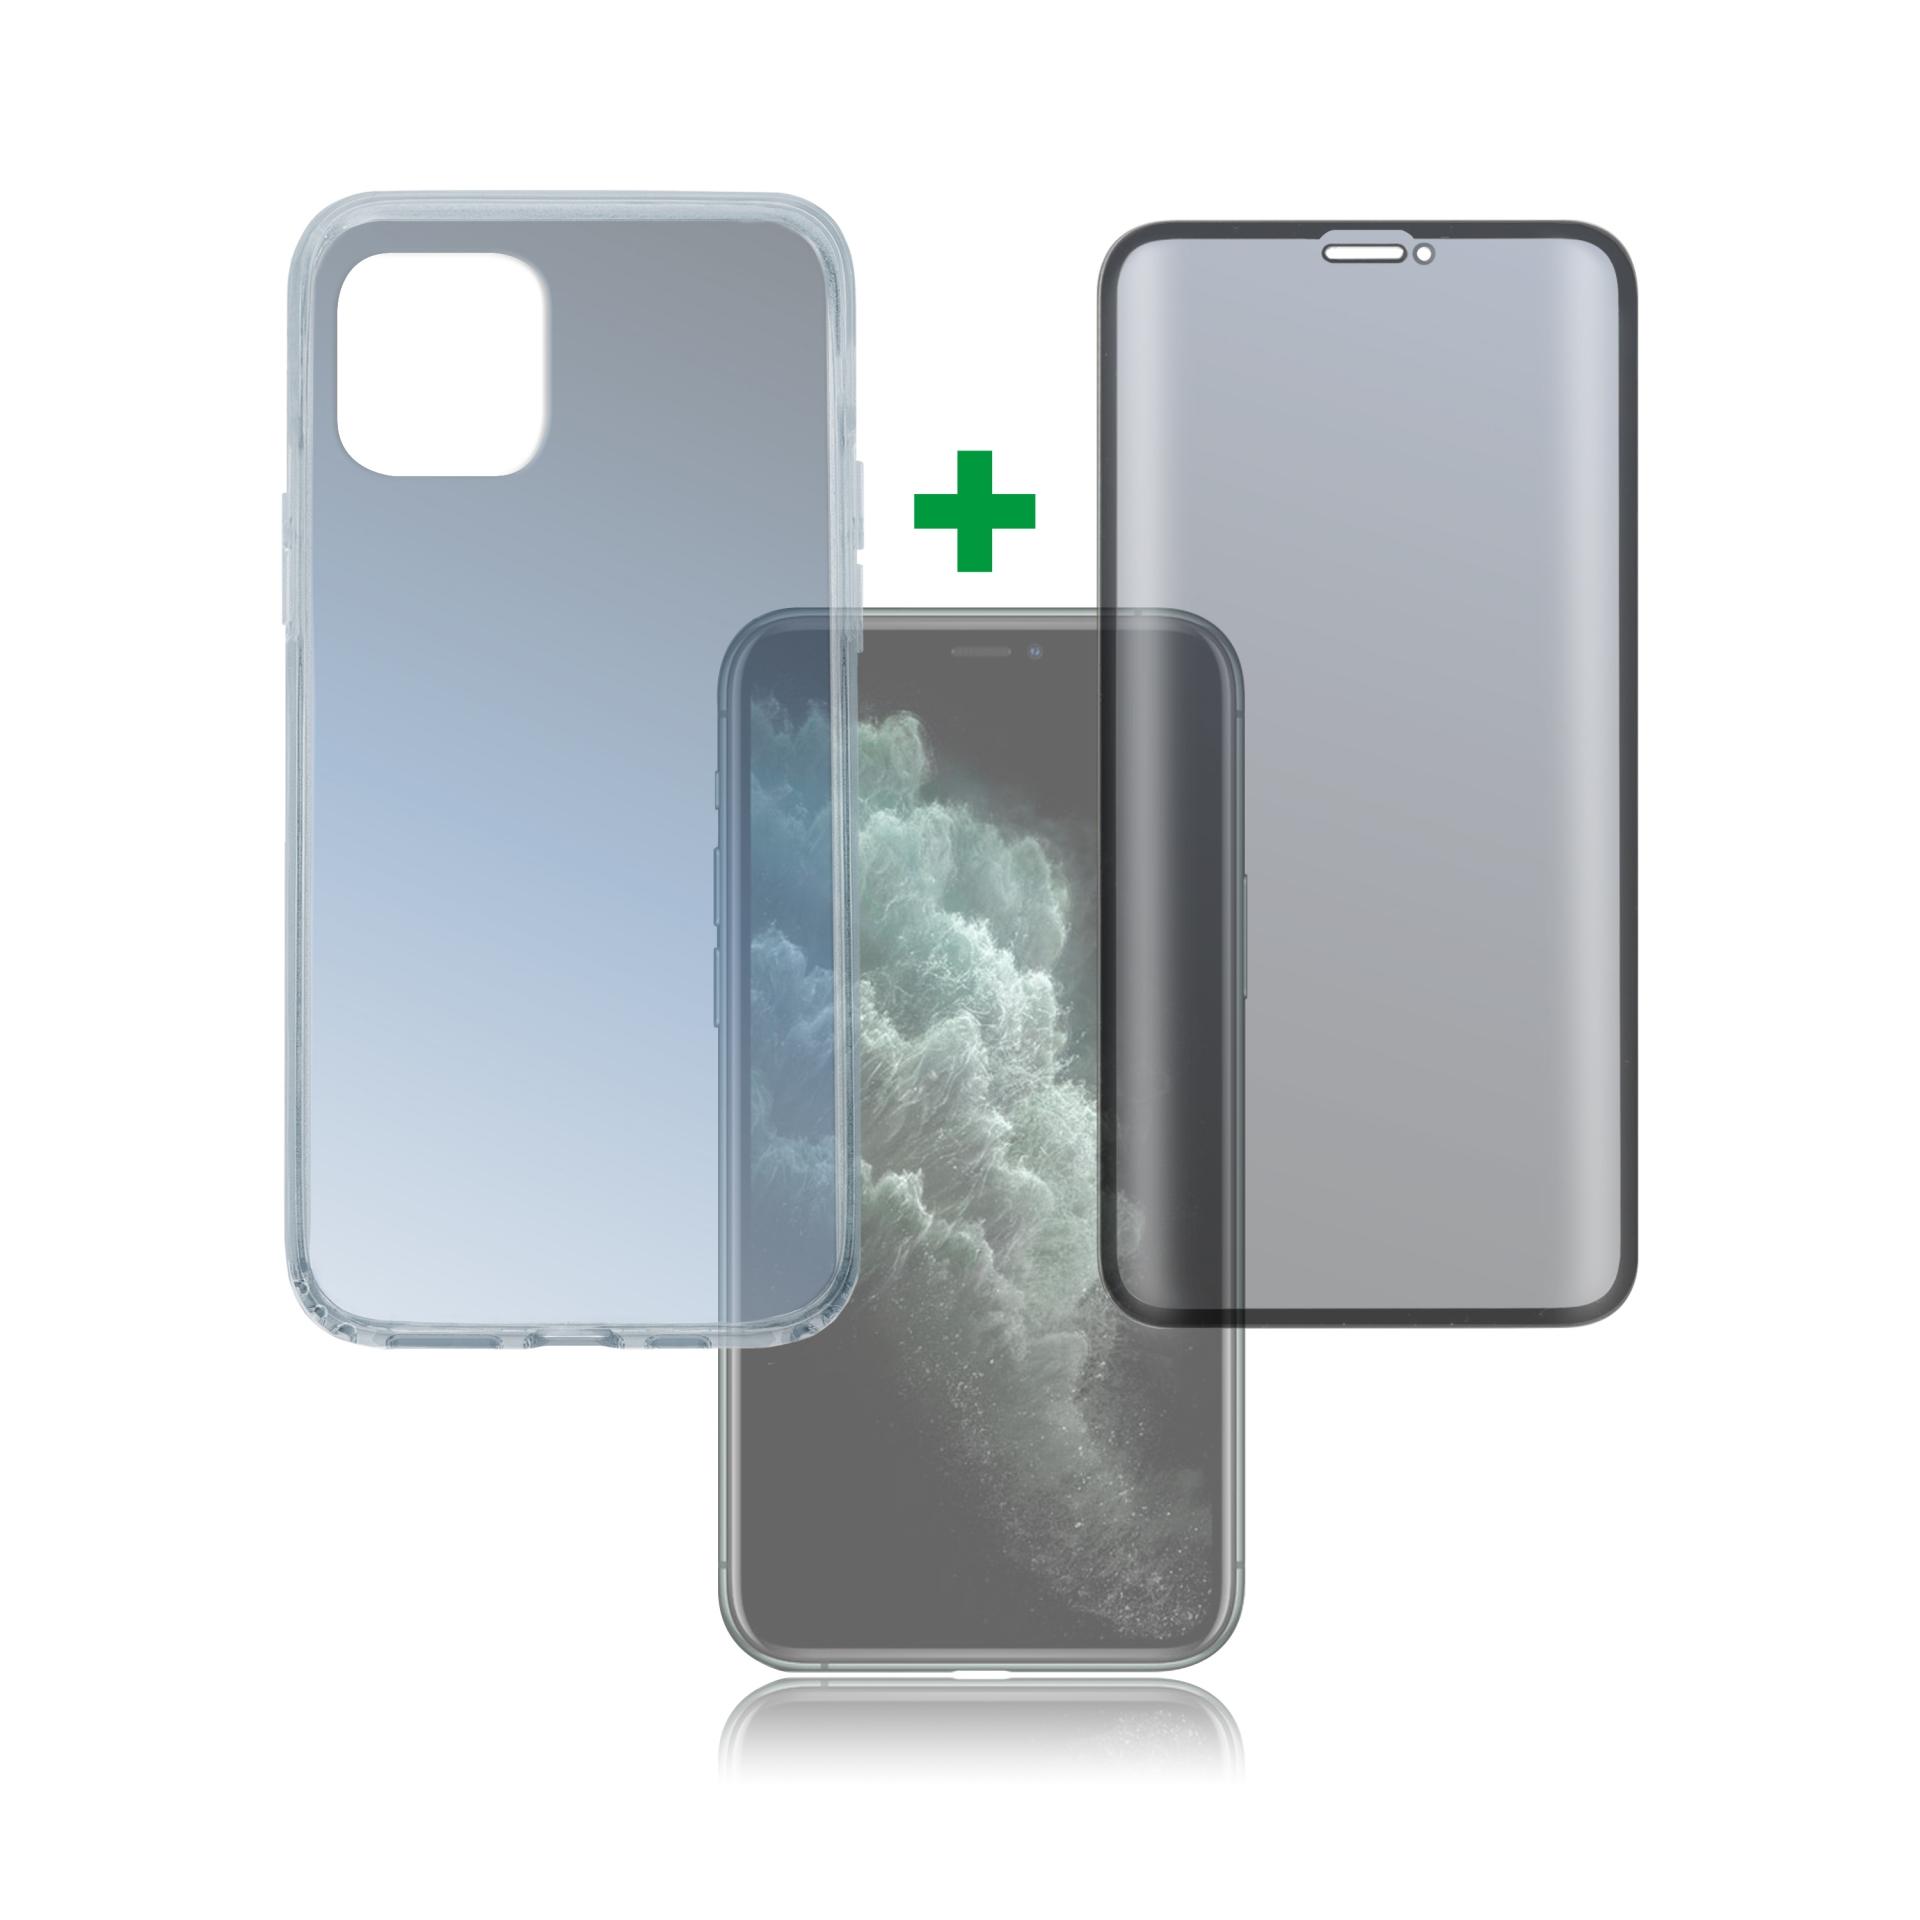 4smarts 360° Premium Protection Set with Colour Frame Glass — тънък силиконов кейс и стъклено покритие с черна рамка и извити ръбове за дисплея на iPhone 11 Pro (прозрачен) - 1